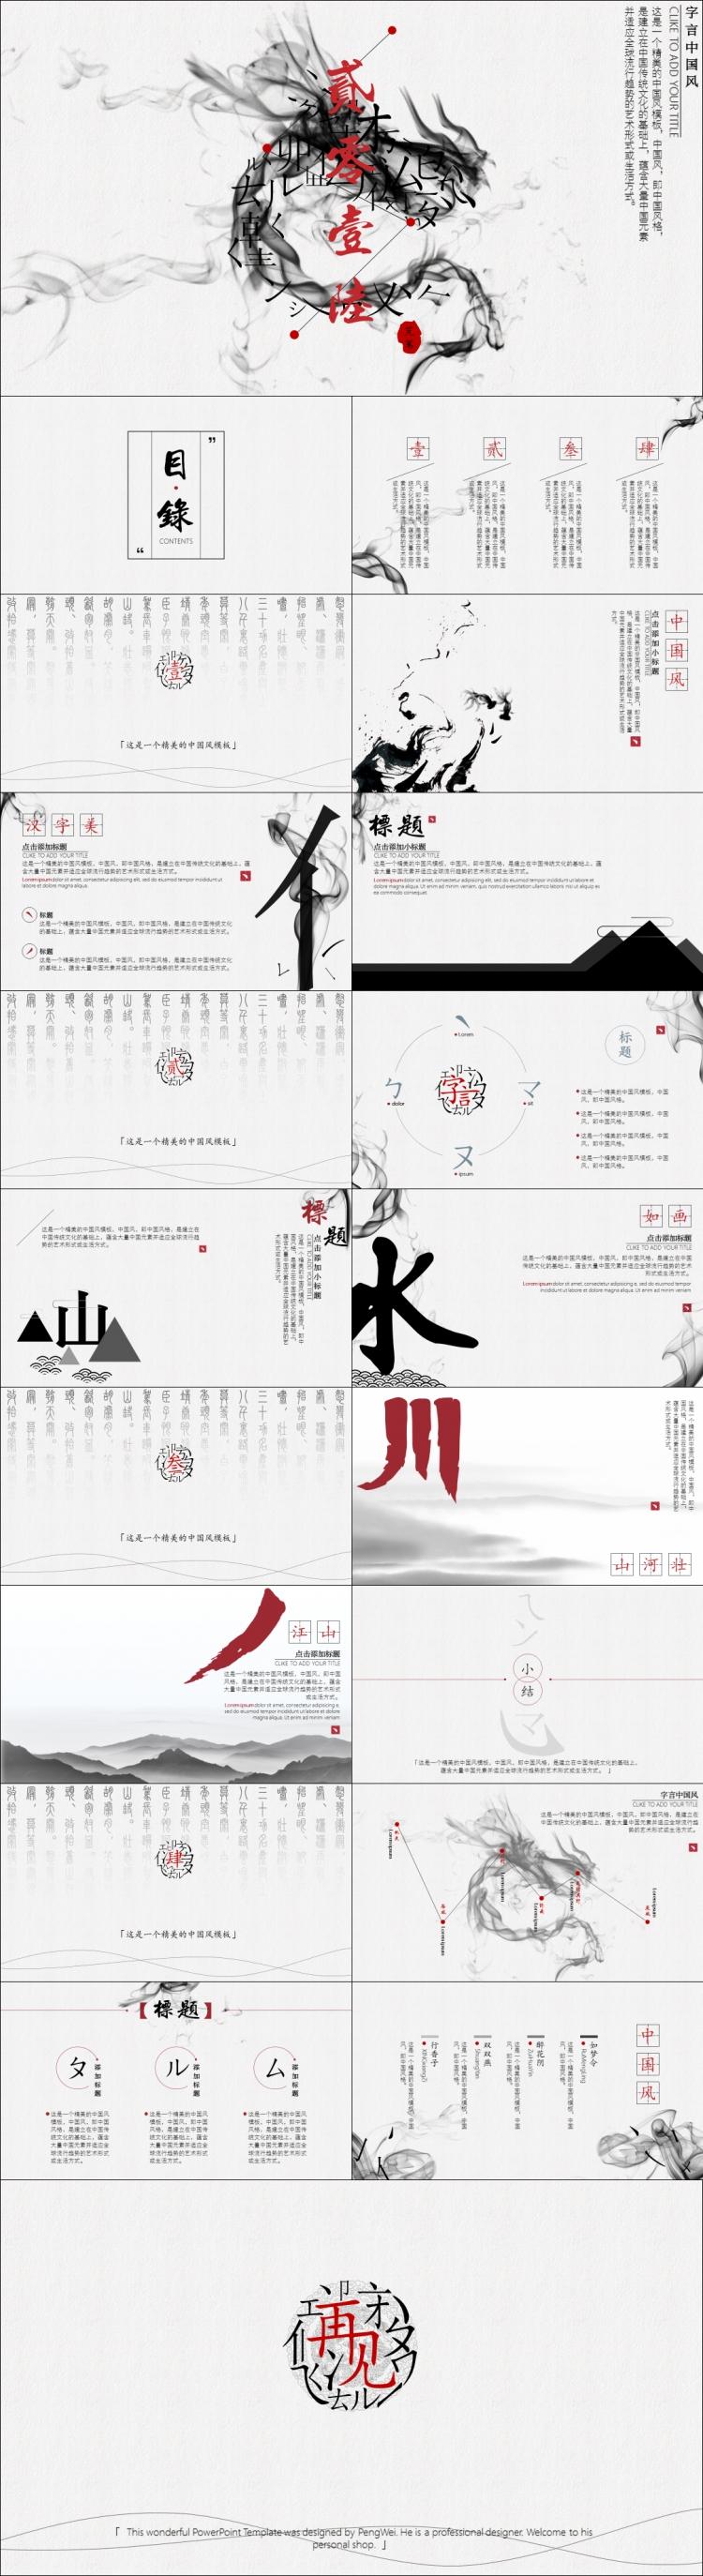 【芃苇】年终总结工作汇报 现代中国风【字言】